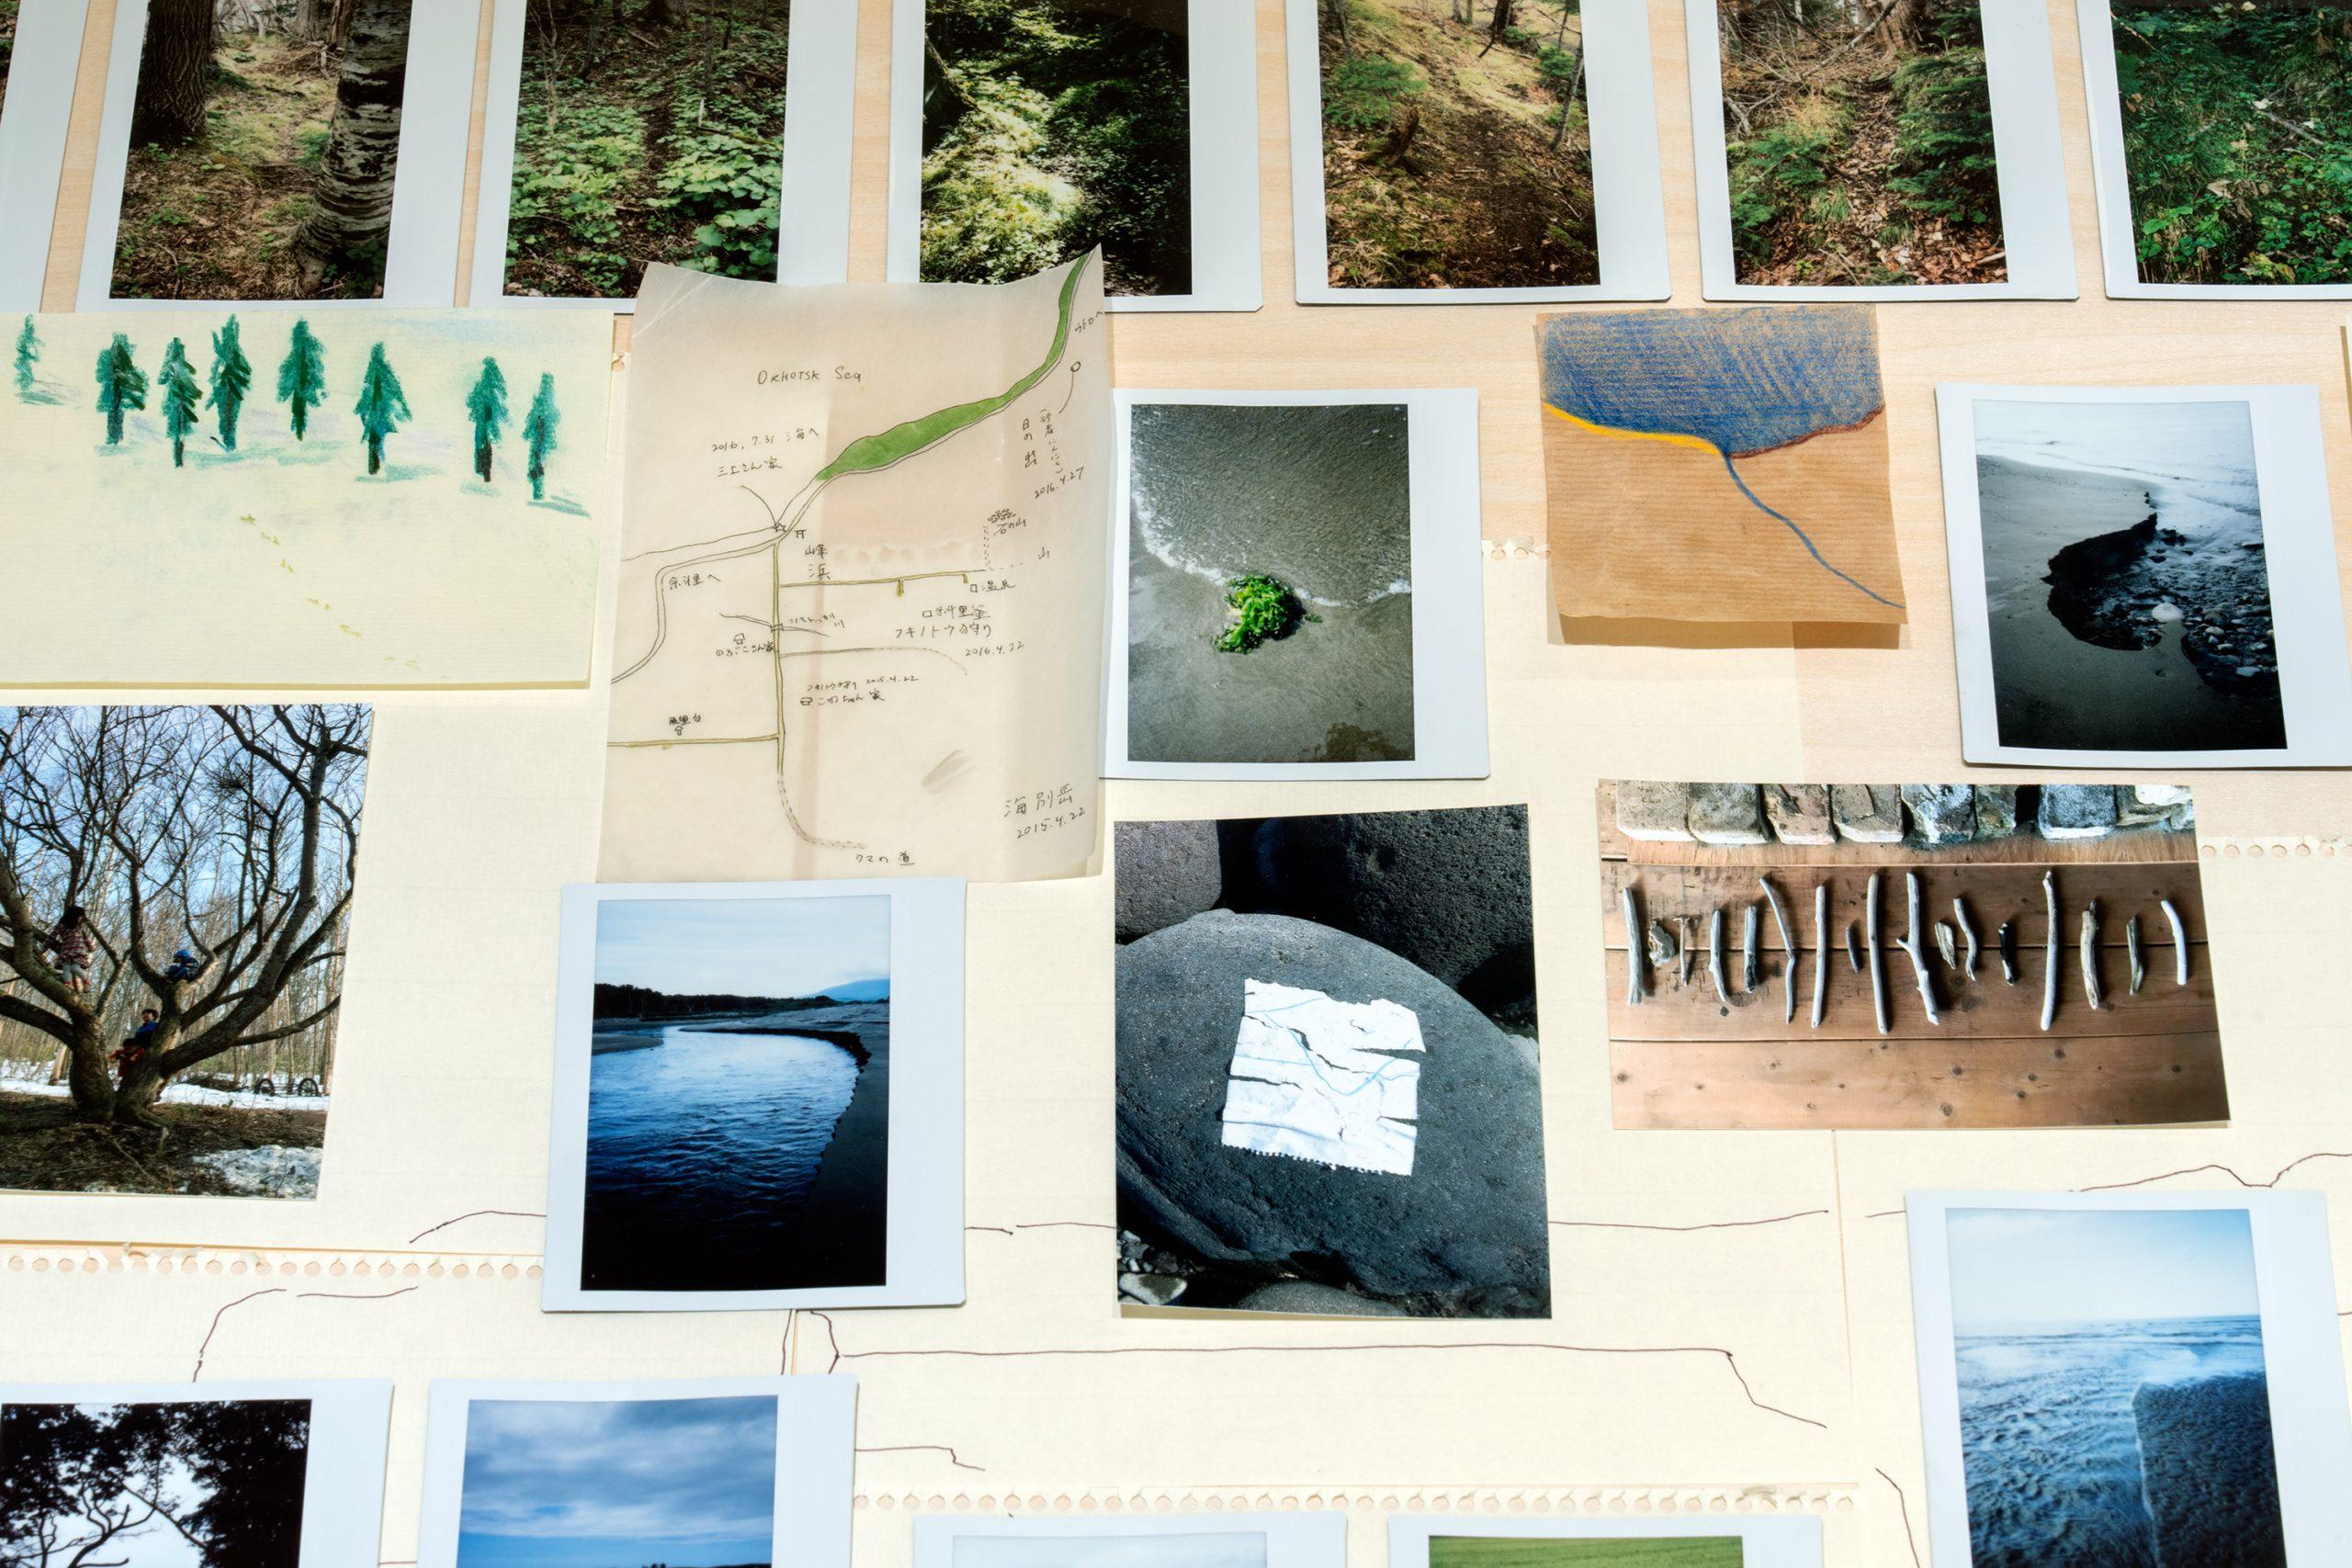 エレナ・トゥタッチコワインタヴュー「知床を歩いて集めた物語から、世界とのつながりを考える」   Photo by Hibiki Miyazawa (Alloposidae LLC)